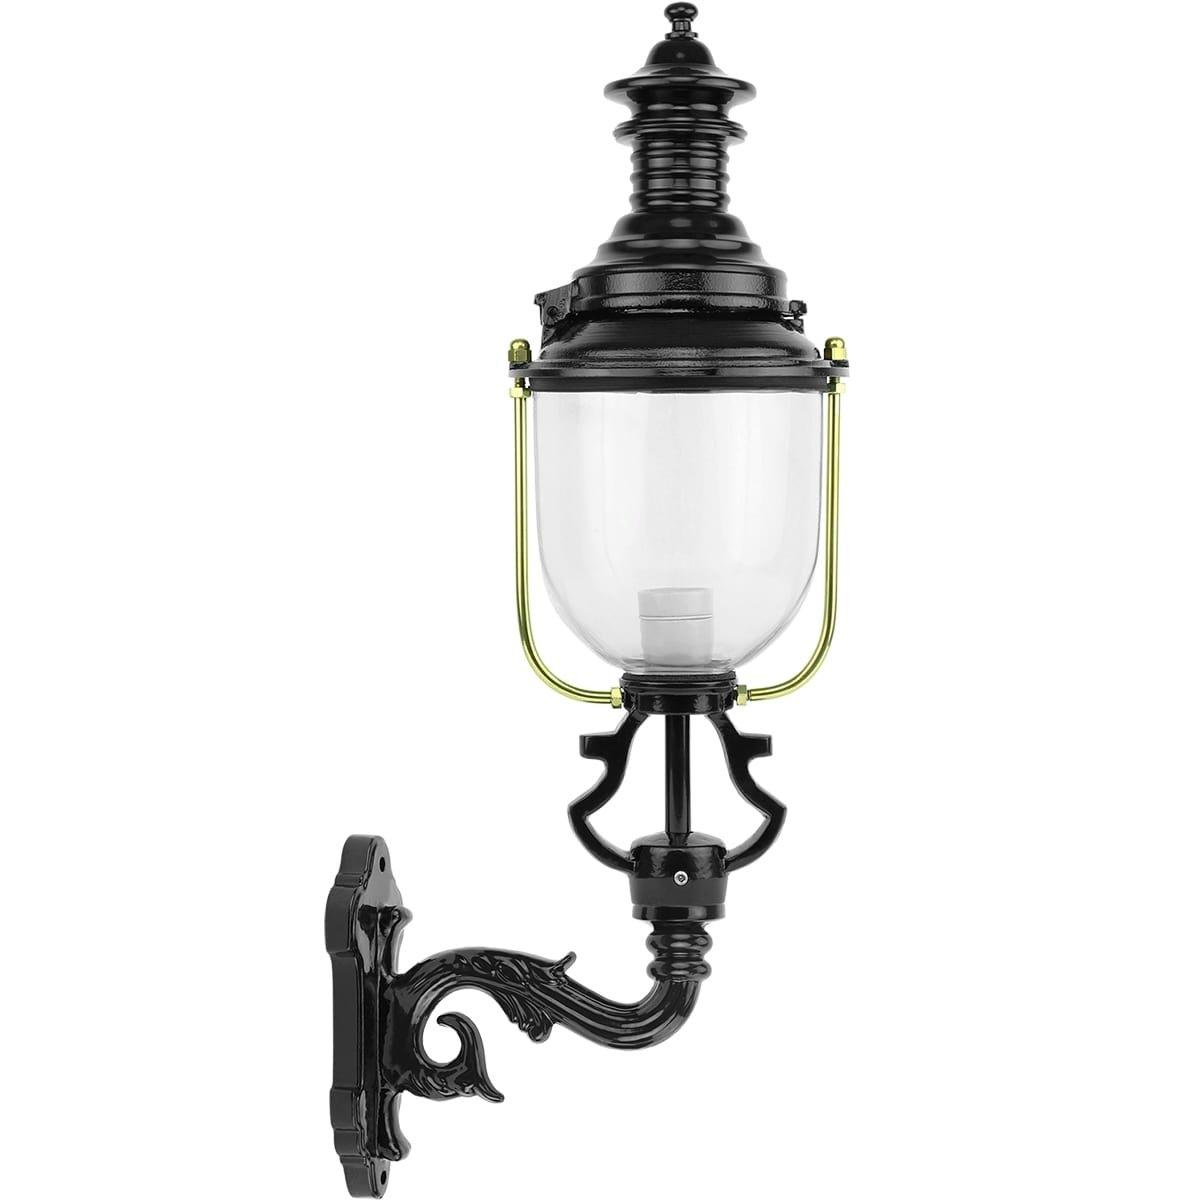 Buitenverlichting Klassiek Landelijk Buitenwandlamp staande Dirkshorn - 73 cm